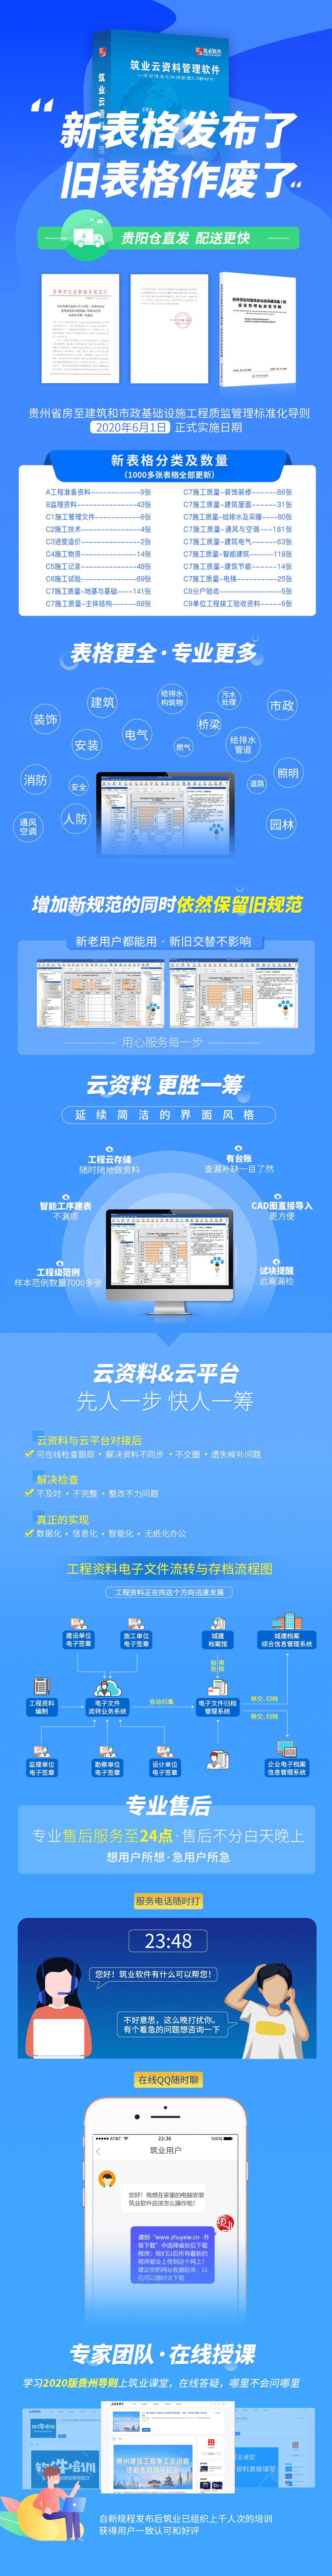 贵州云资料详情.png